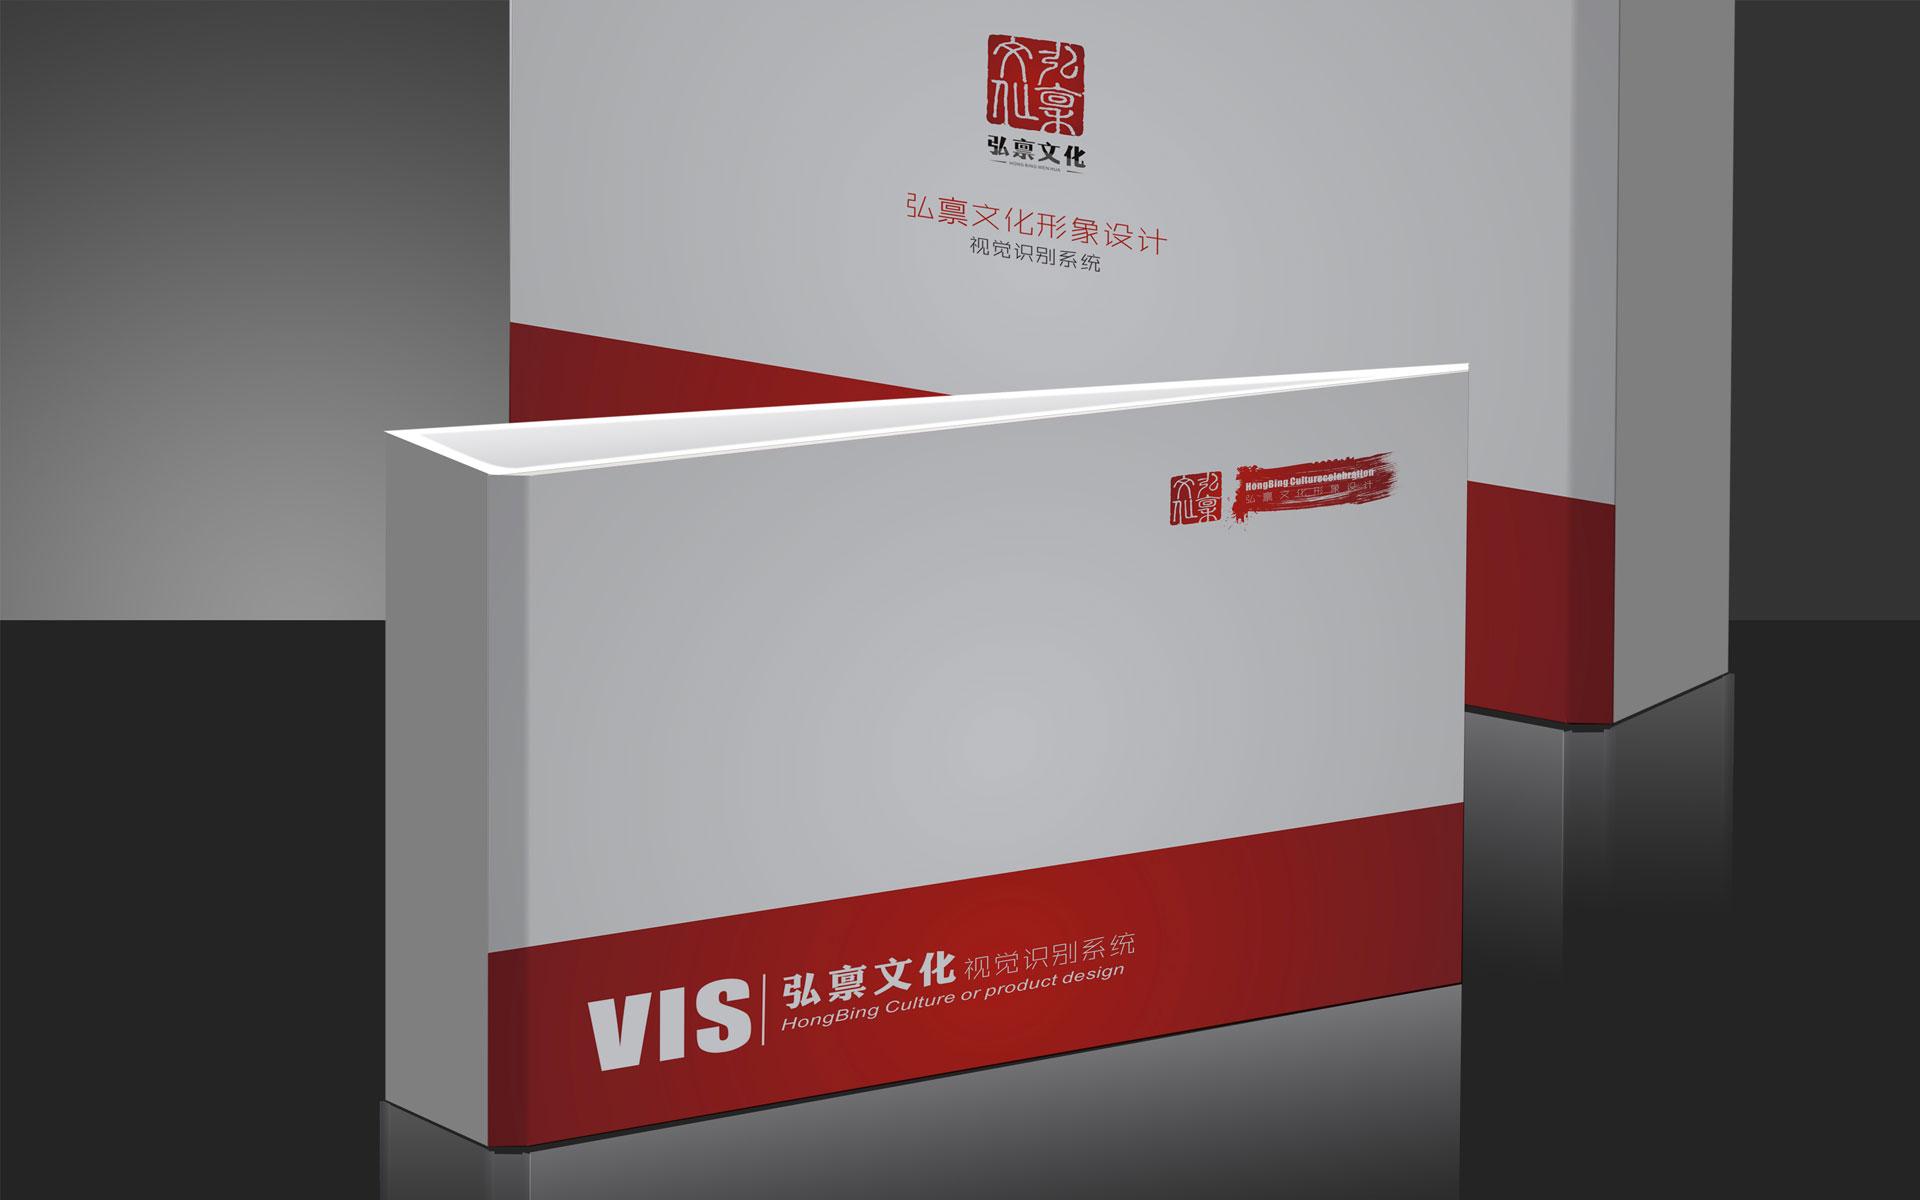 弘禀文化传播—VI设计